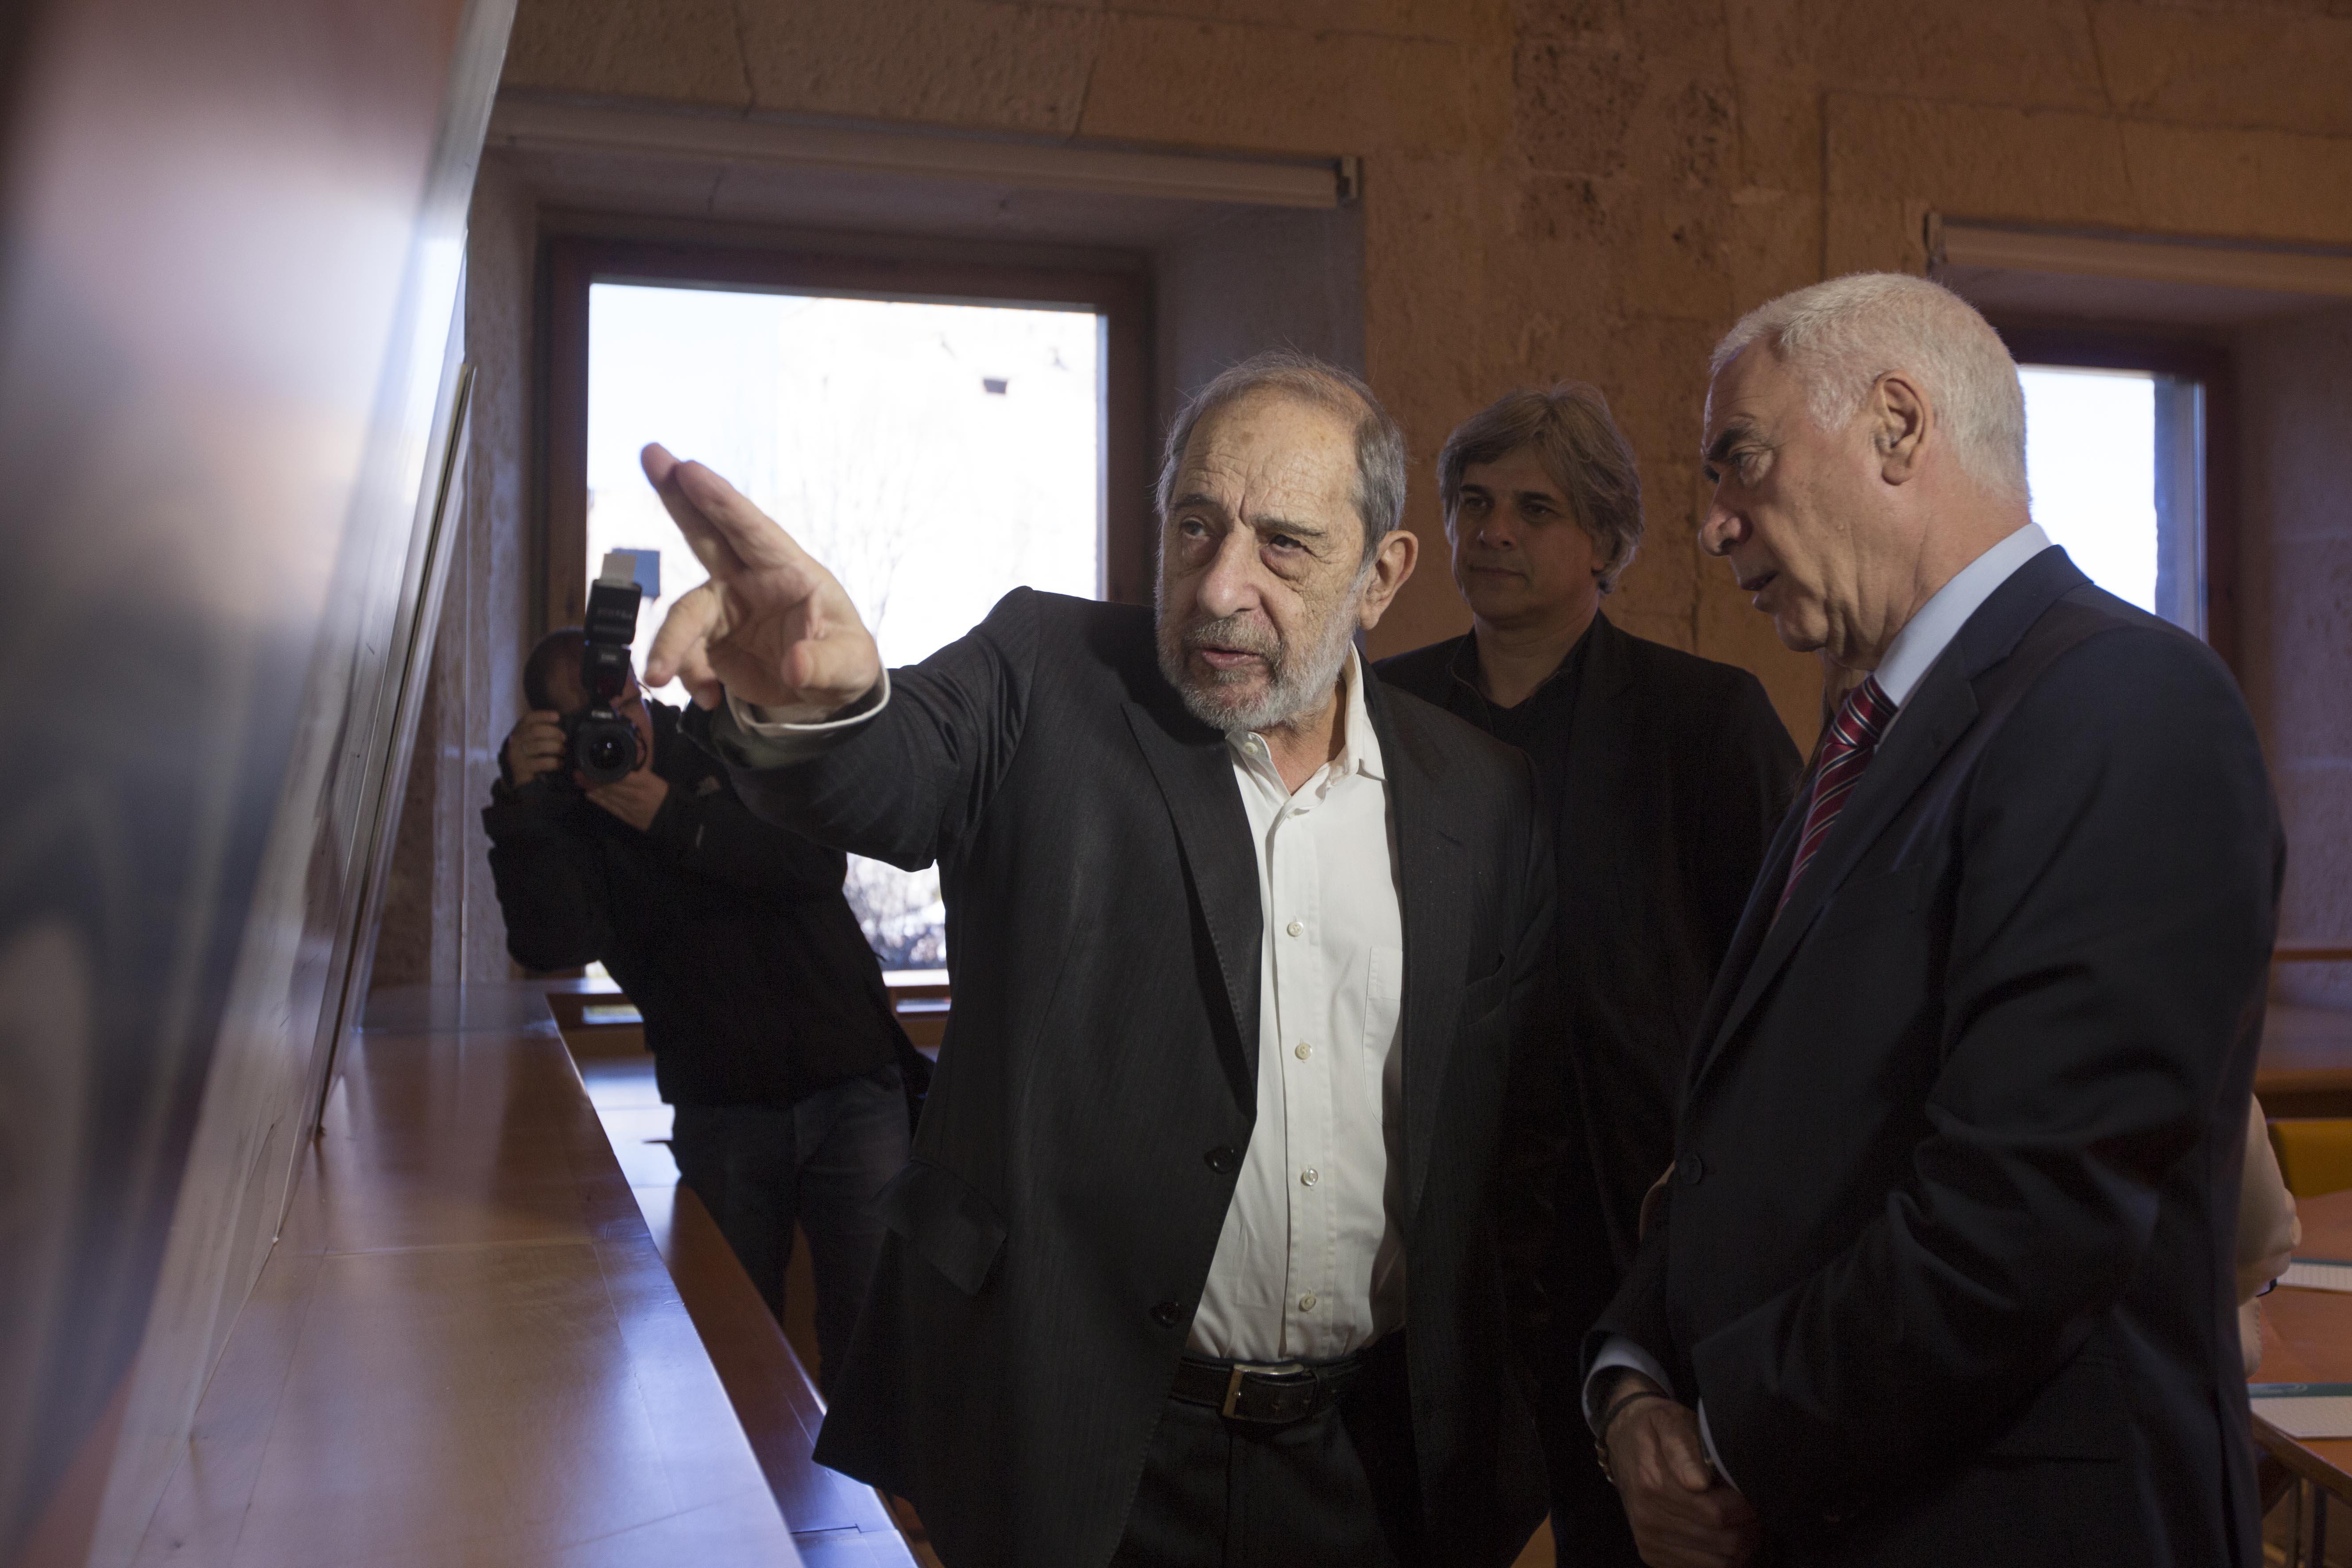 El arquitecto Alvaro Siza acude a la reunion del consejo.